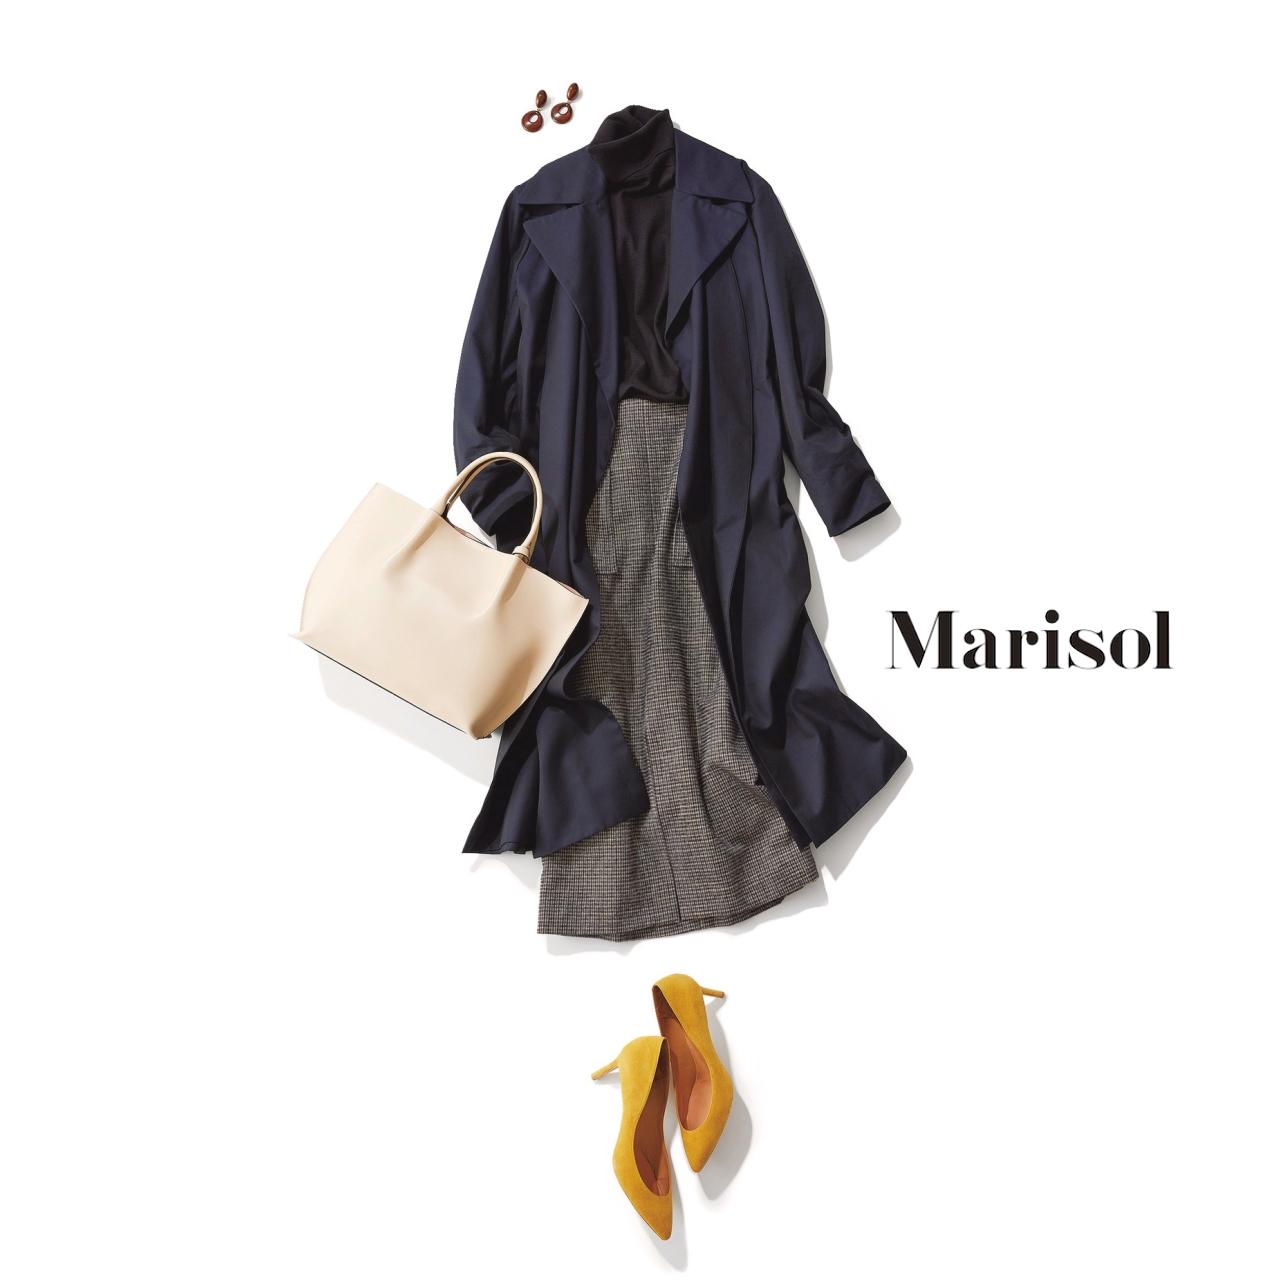 トレンチコート×タイトスカートのファッションコーディネート